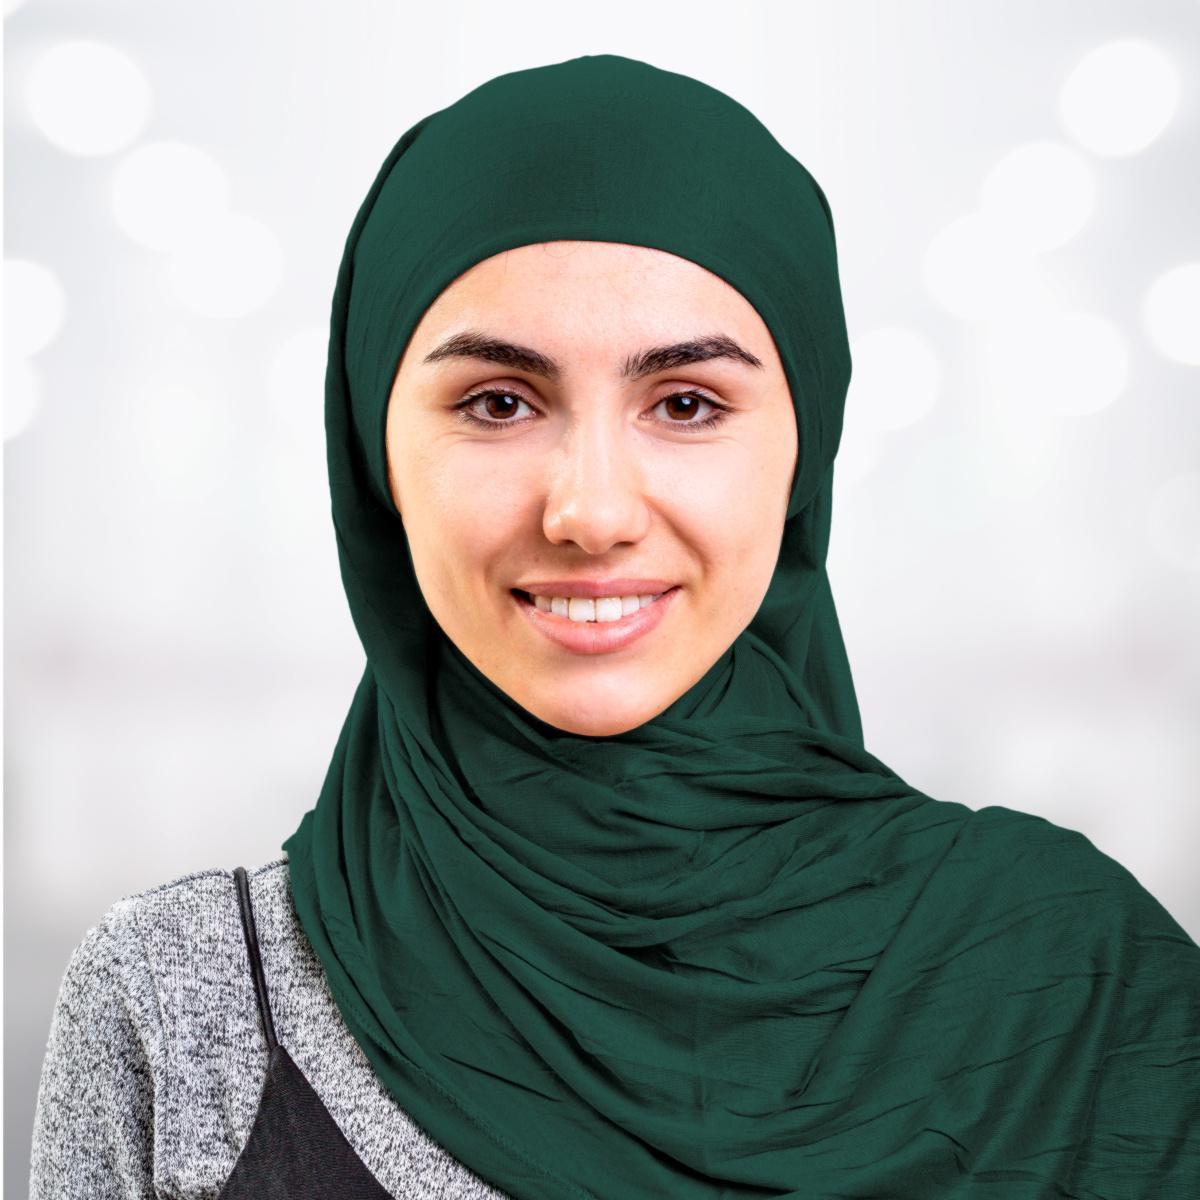 Озон хиджаб где заказать лоскуты для лоскутного шитья